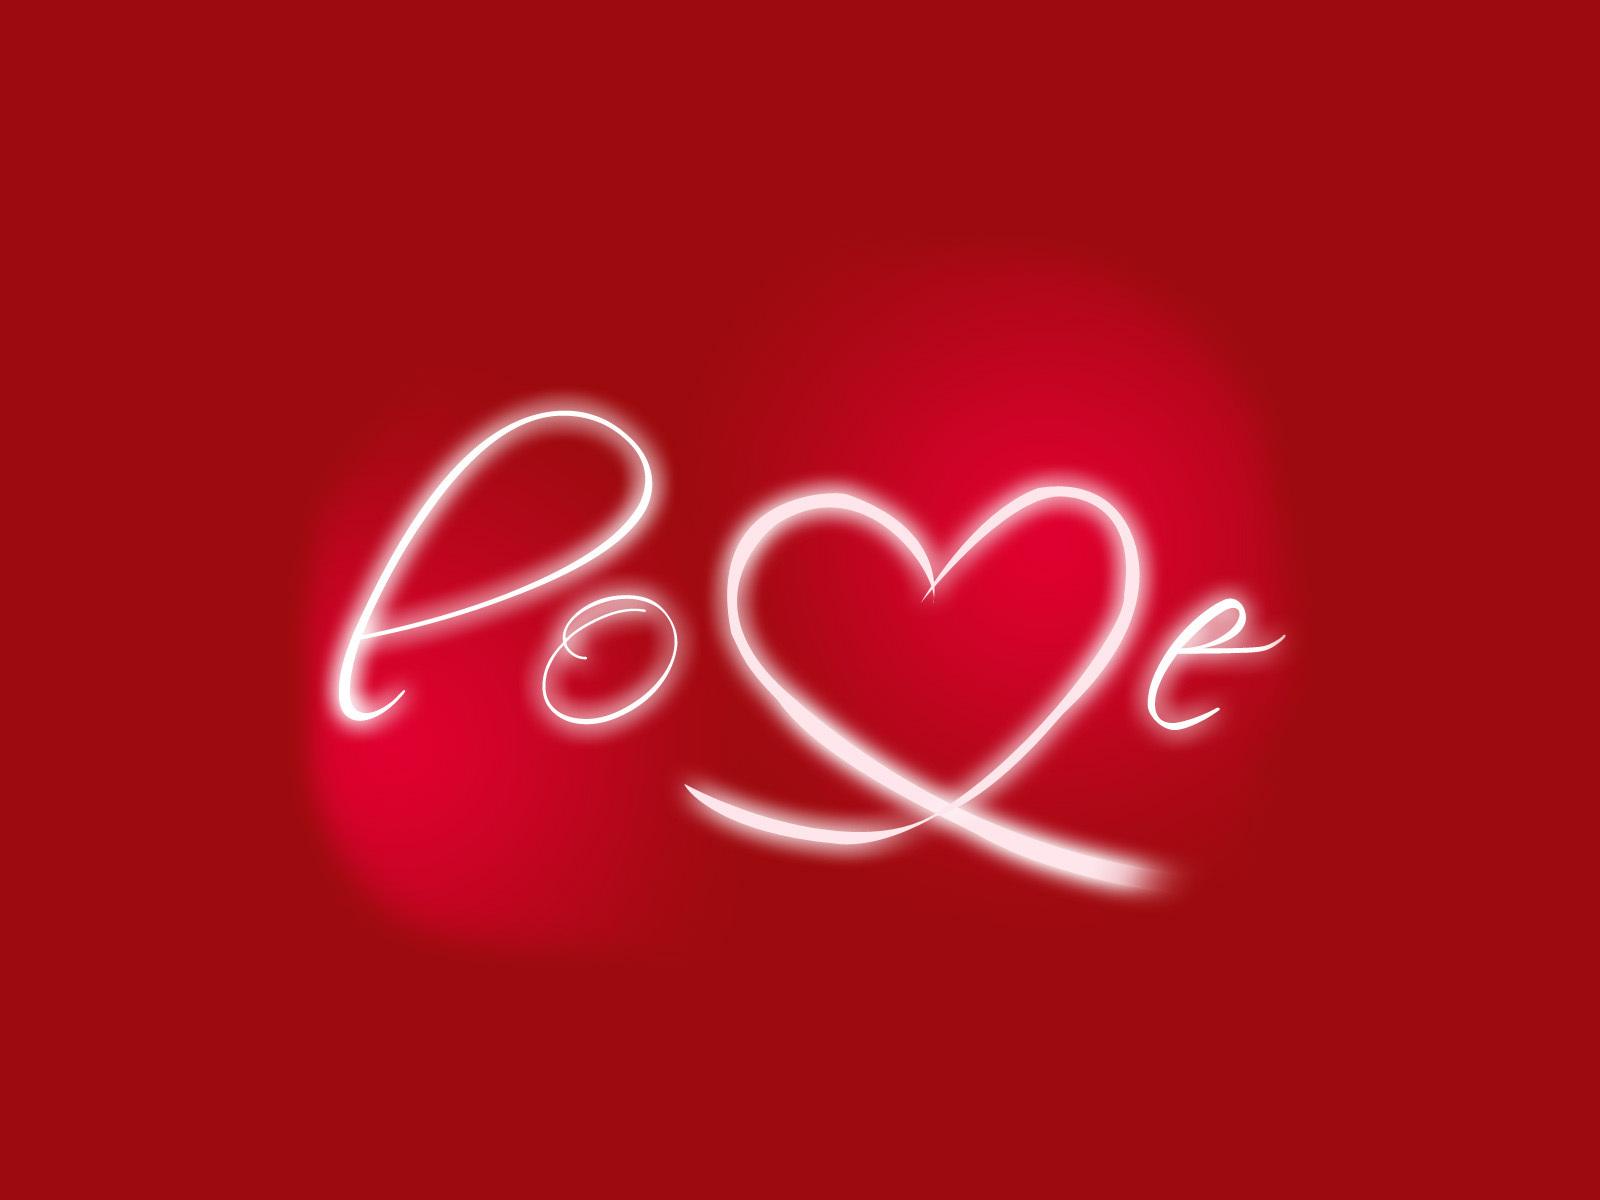 Valentine s love - Valentine s Day Wallpaper (22236969 ...